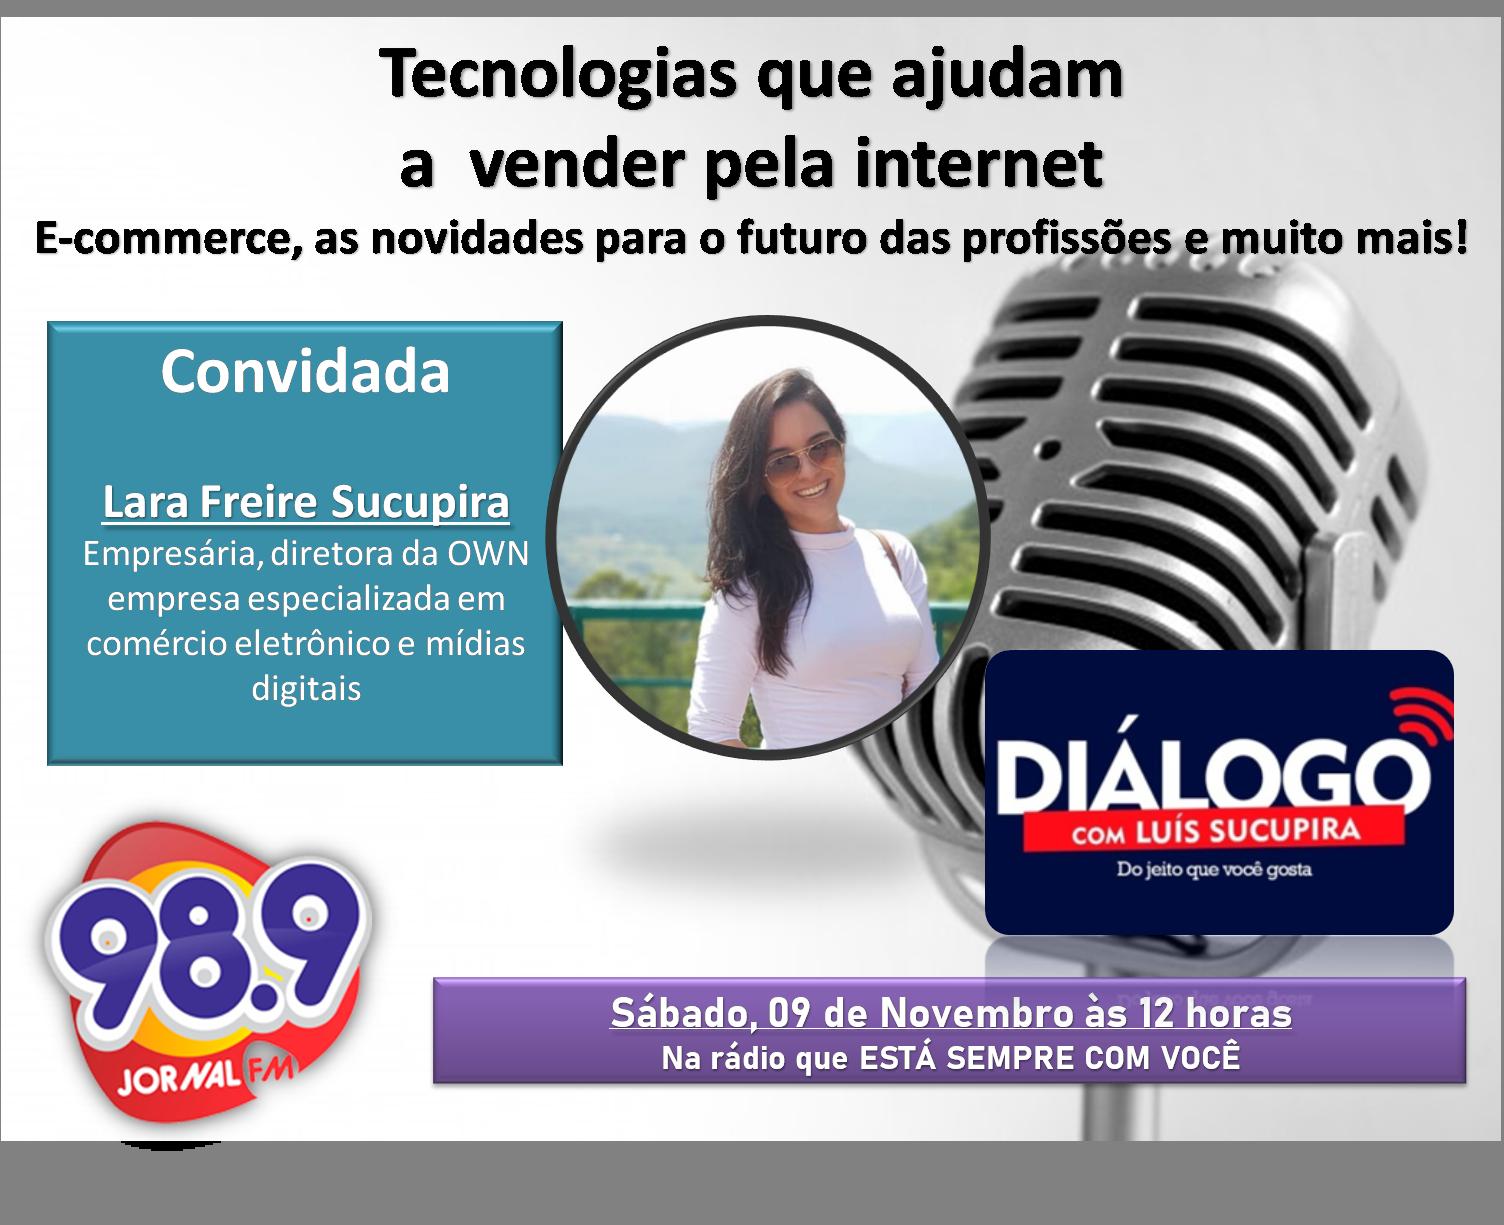 PODCAST – TECNOLOGIAS QUE AJUDAM A VENDER PELA INTERNET – Jornal FM 98,9